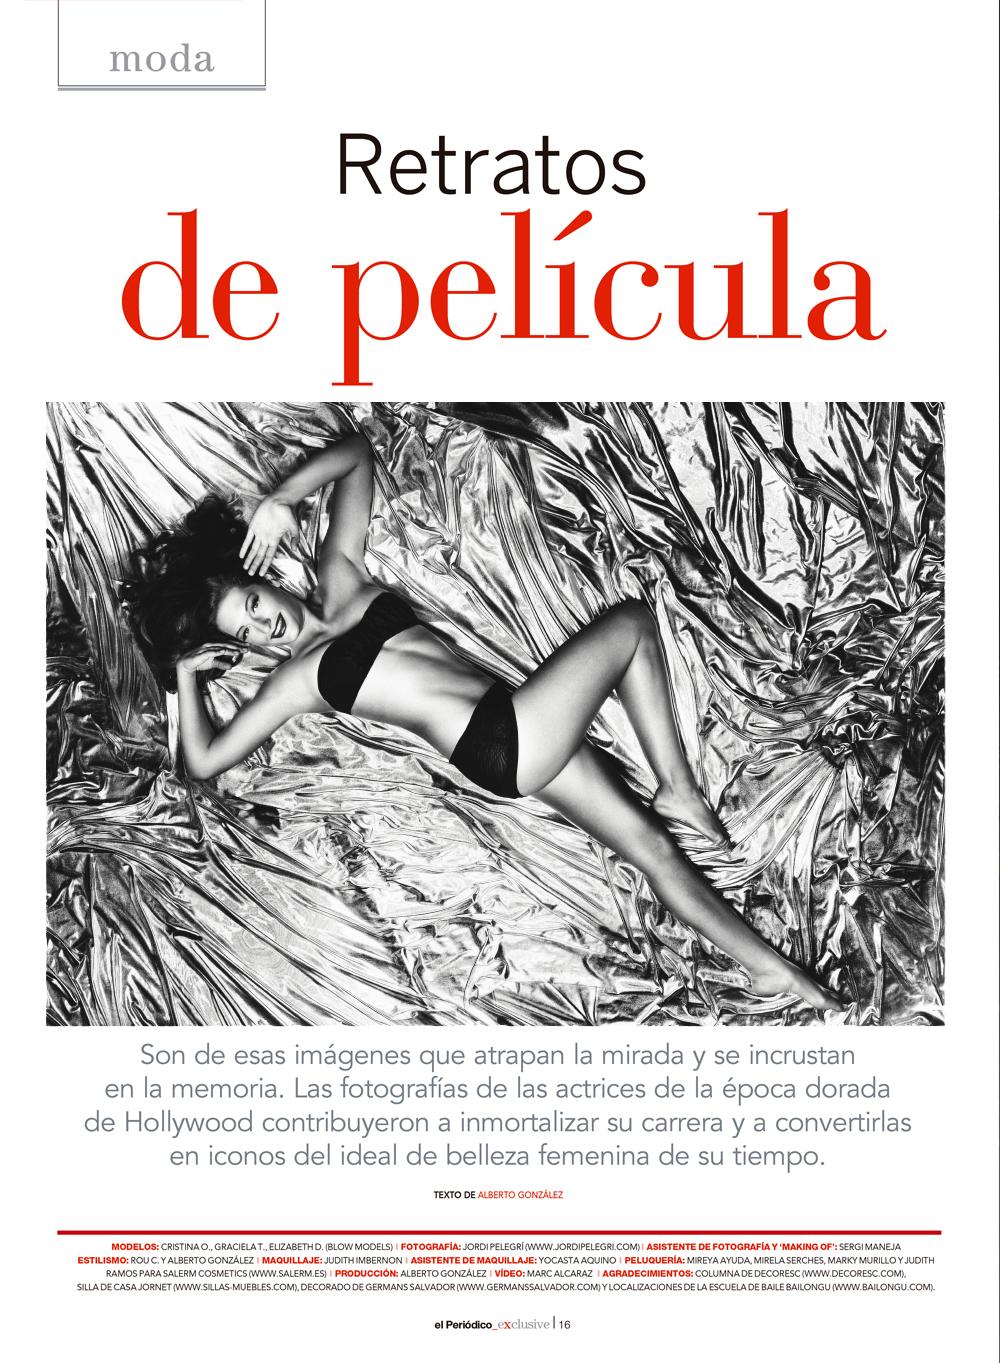 Retratos de película for El Periódico Exclusive